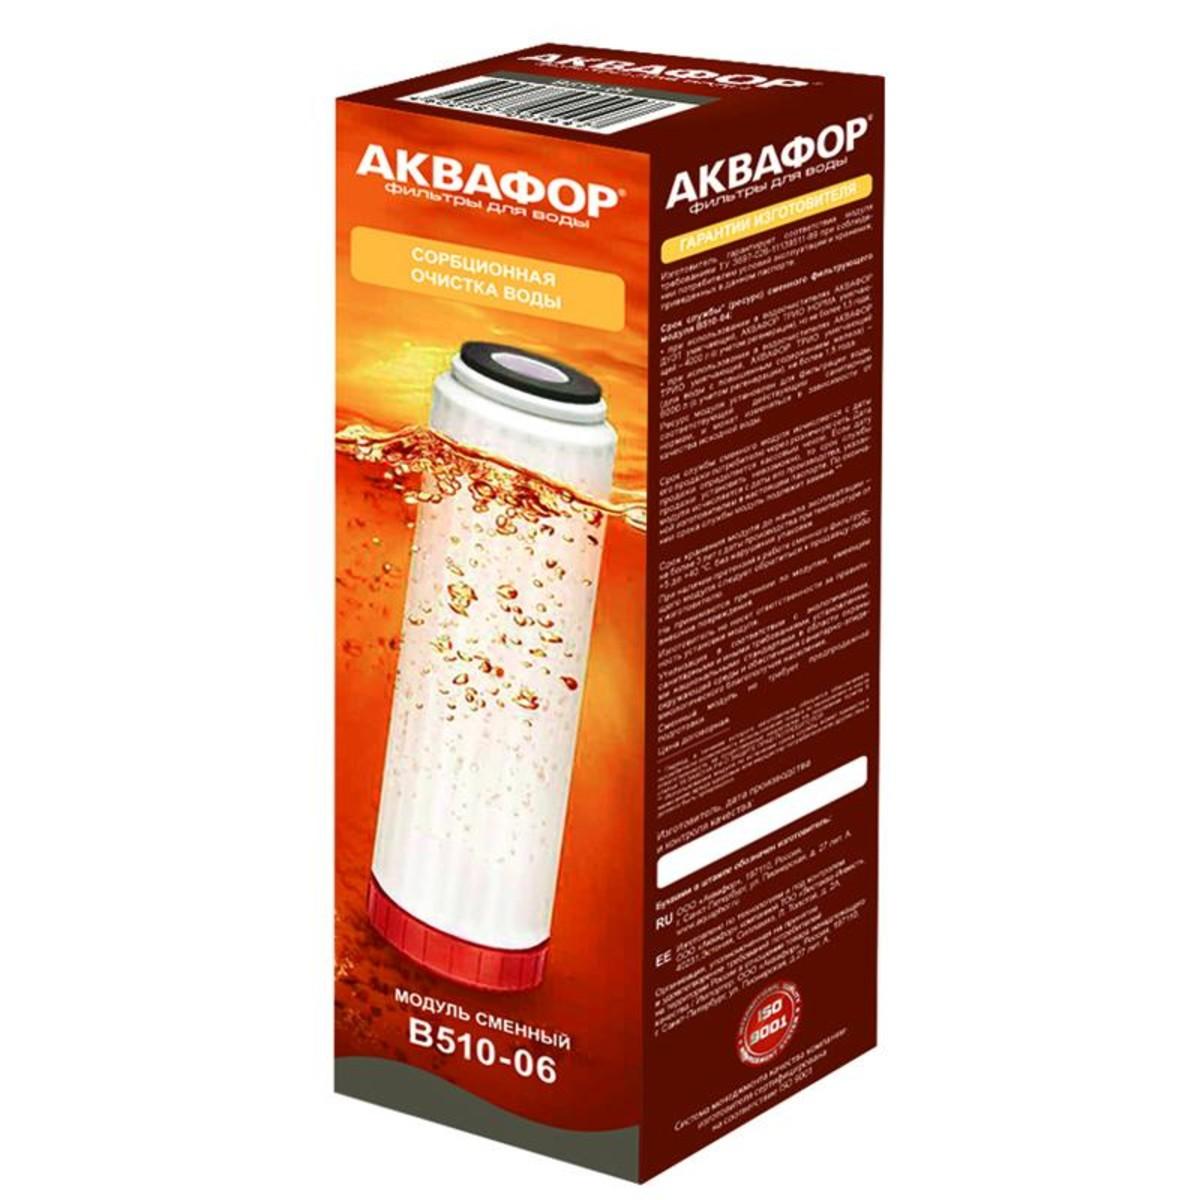 Картридж для проточных систем Аквафор В510-06 M0001749